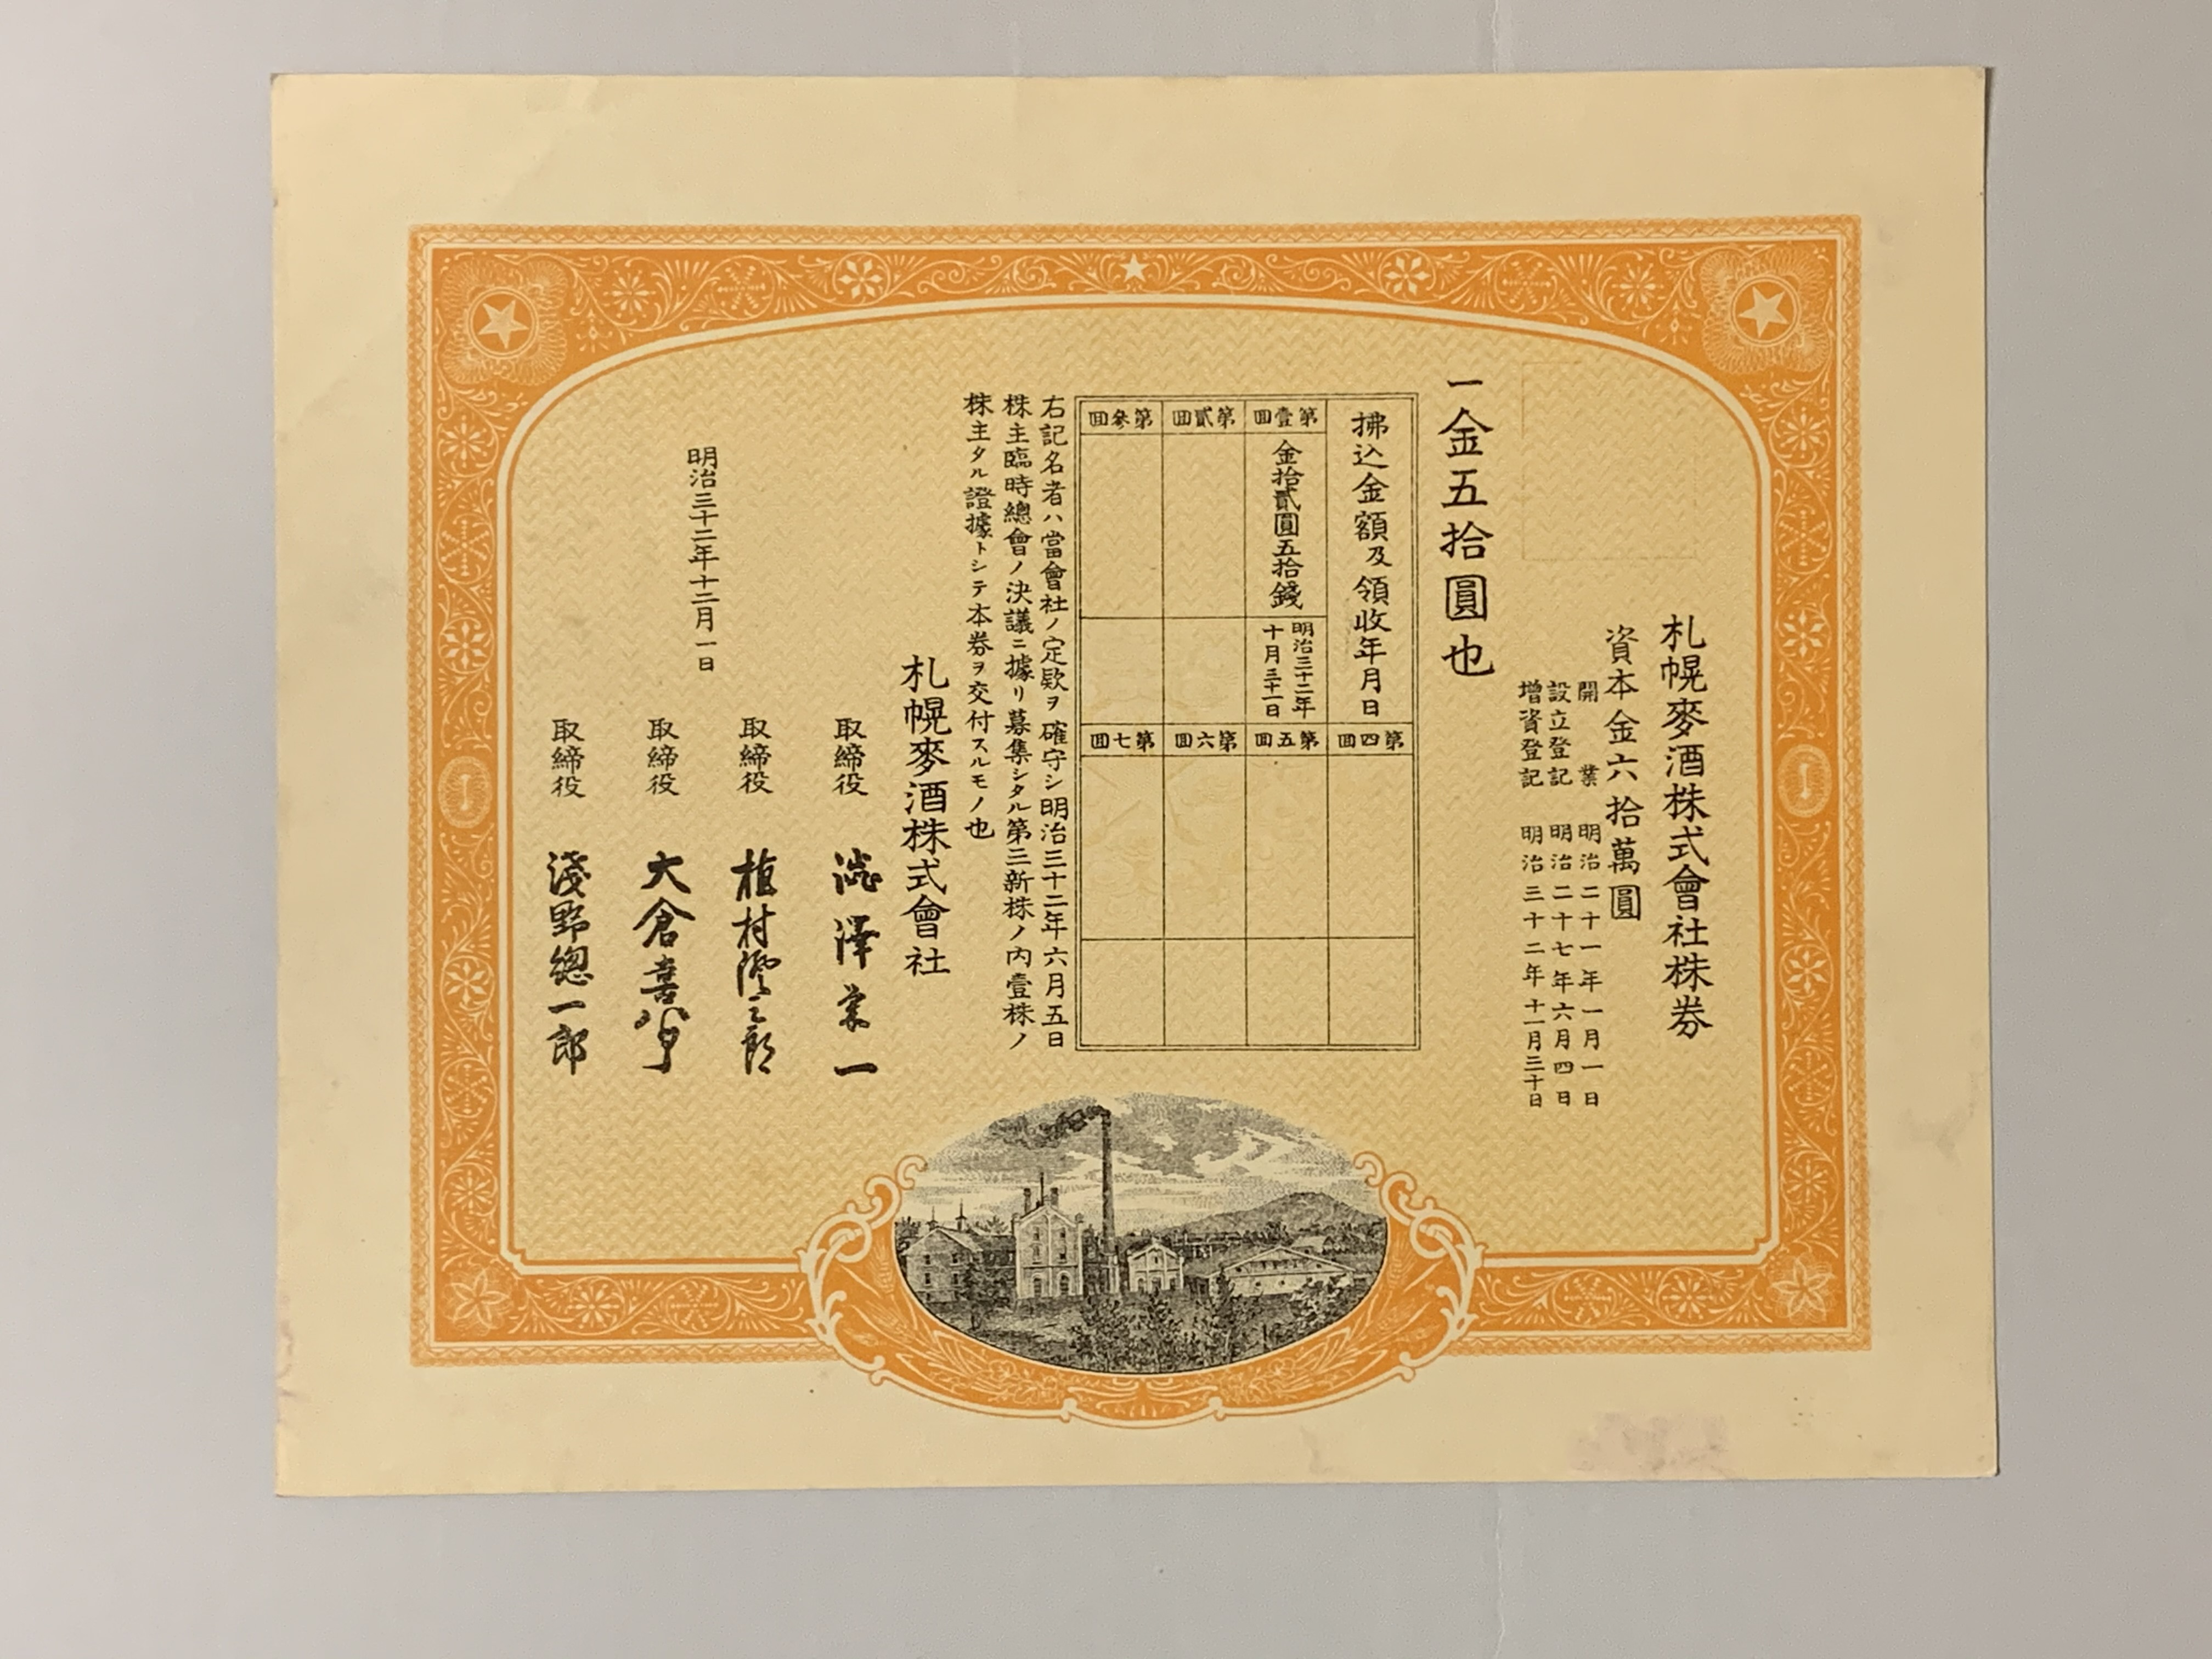 札幌麦酒株券.jpg